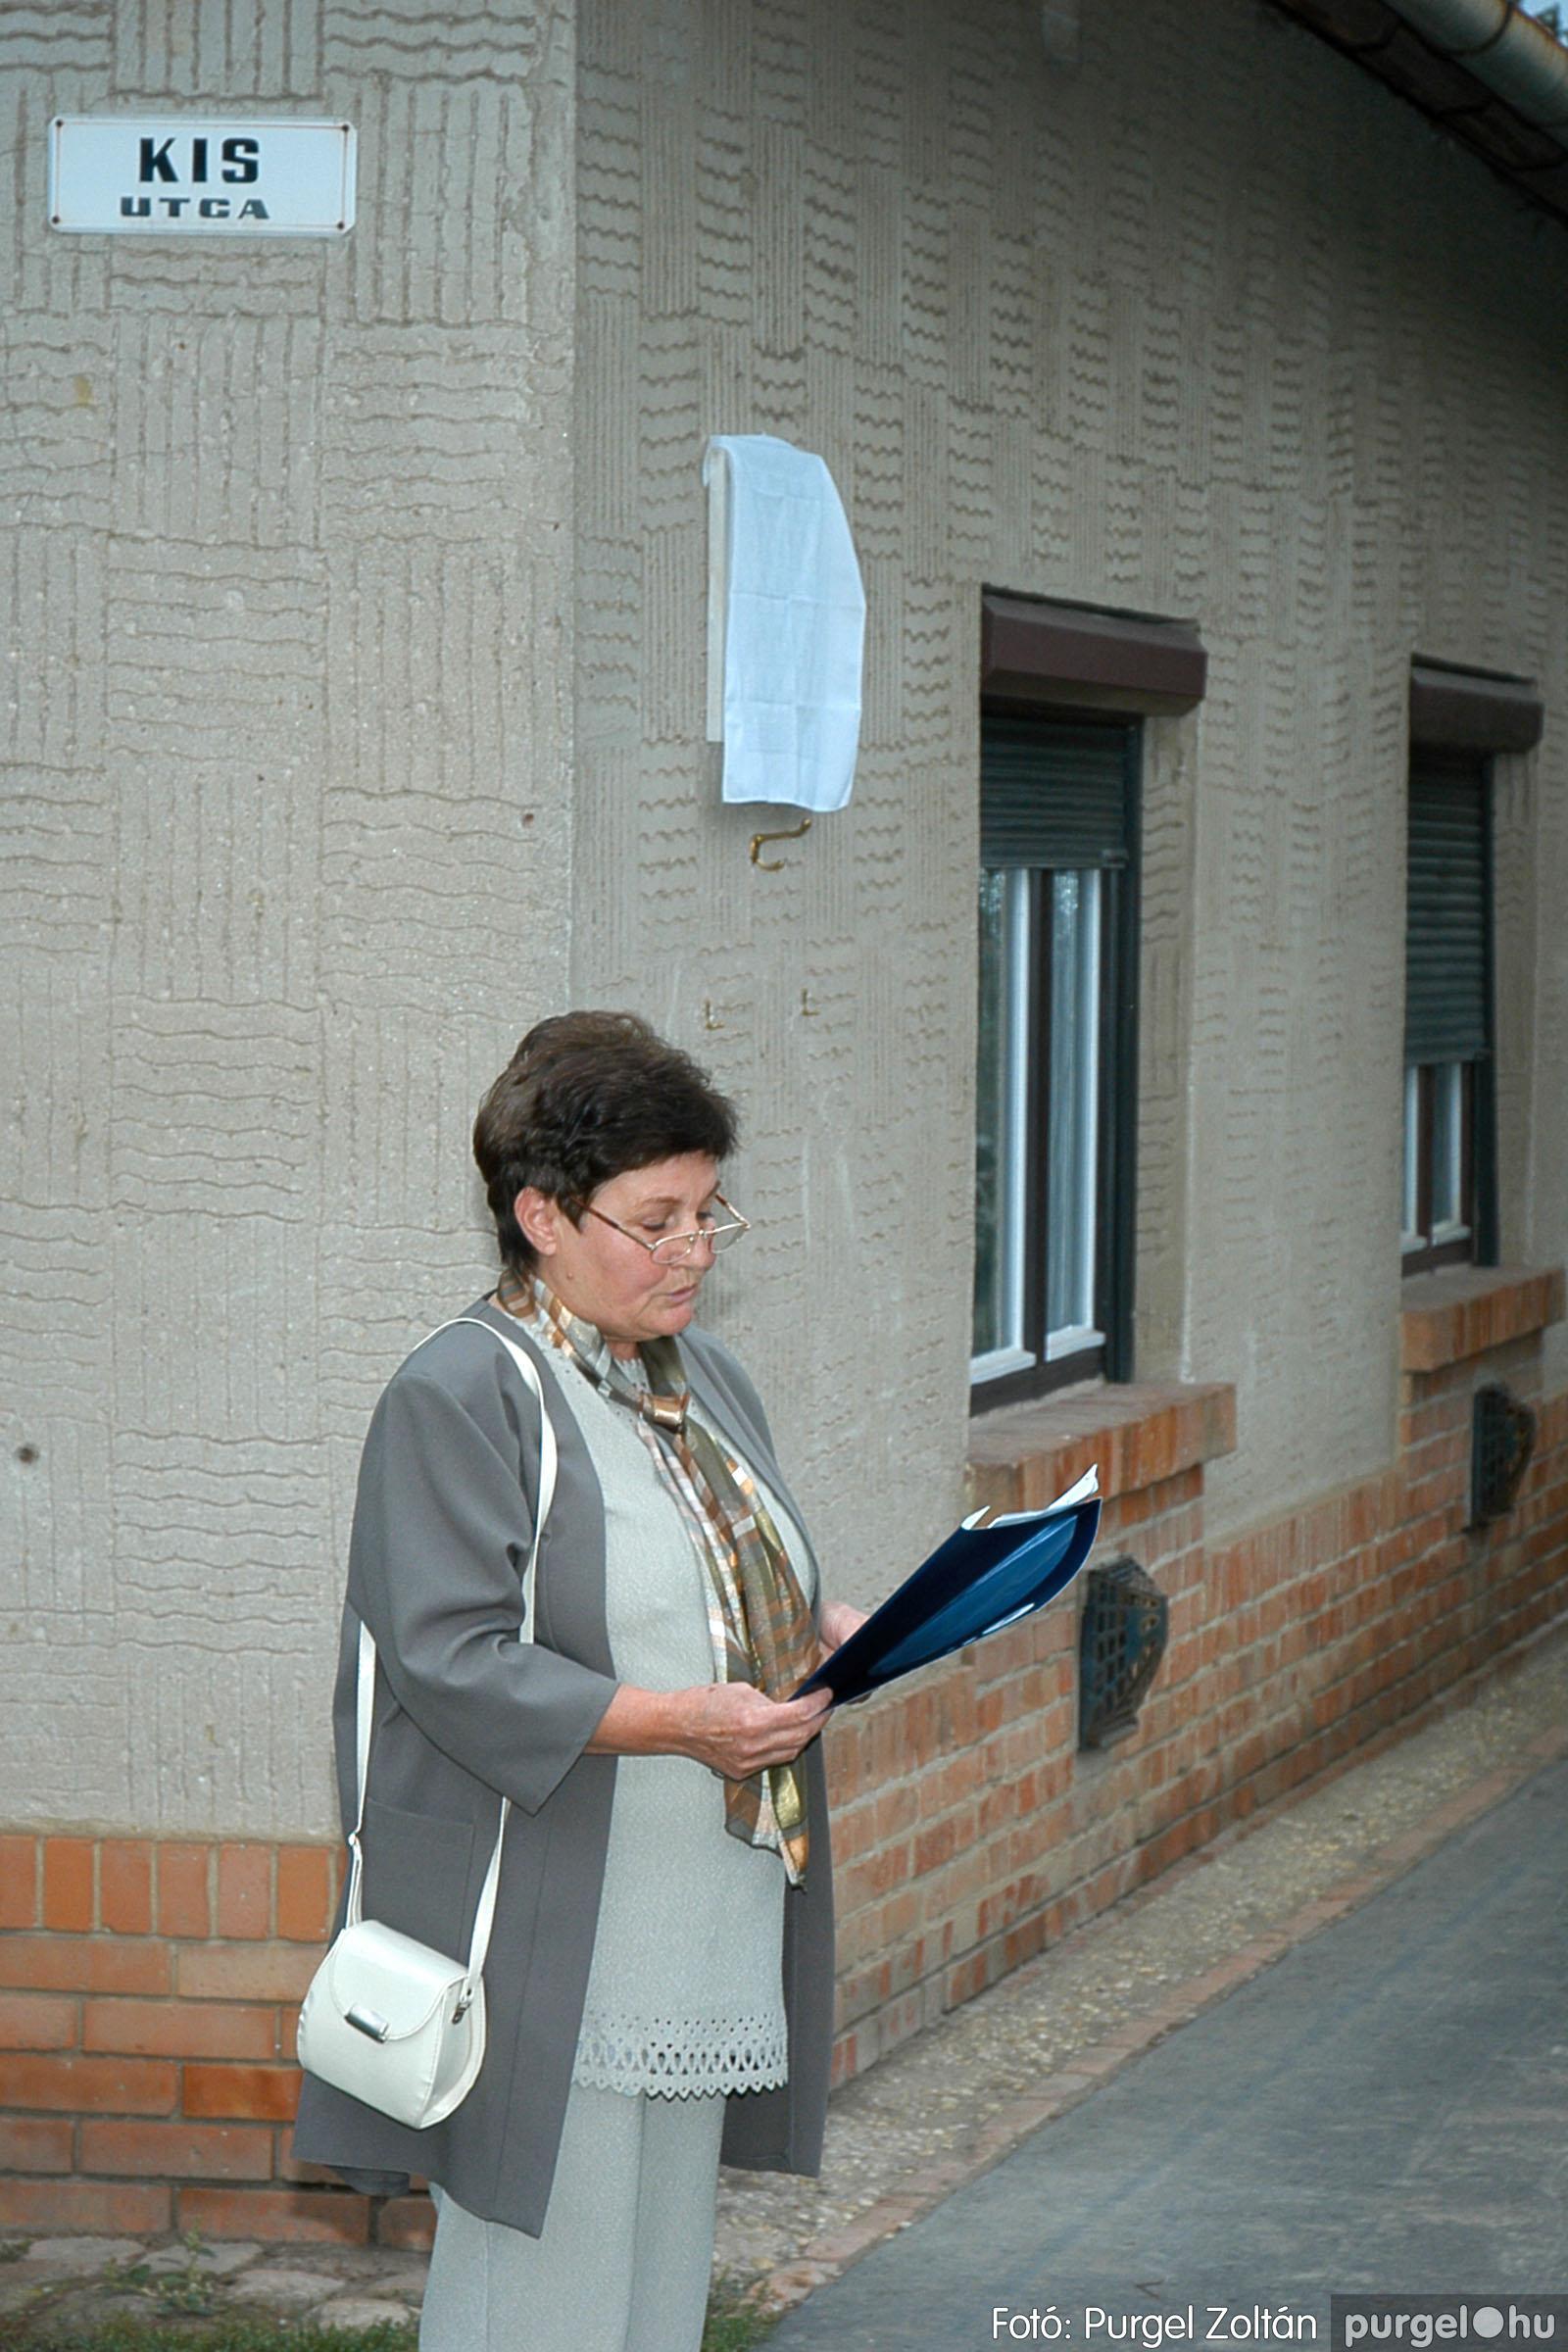 2004.09.25. 001 Dr. Csergő Károly alispán és kora című kiállítás és emléktábla avatás - Fotó:P. Z.©.jpg